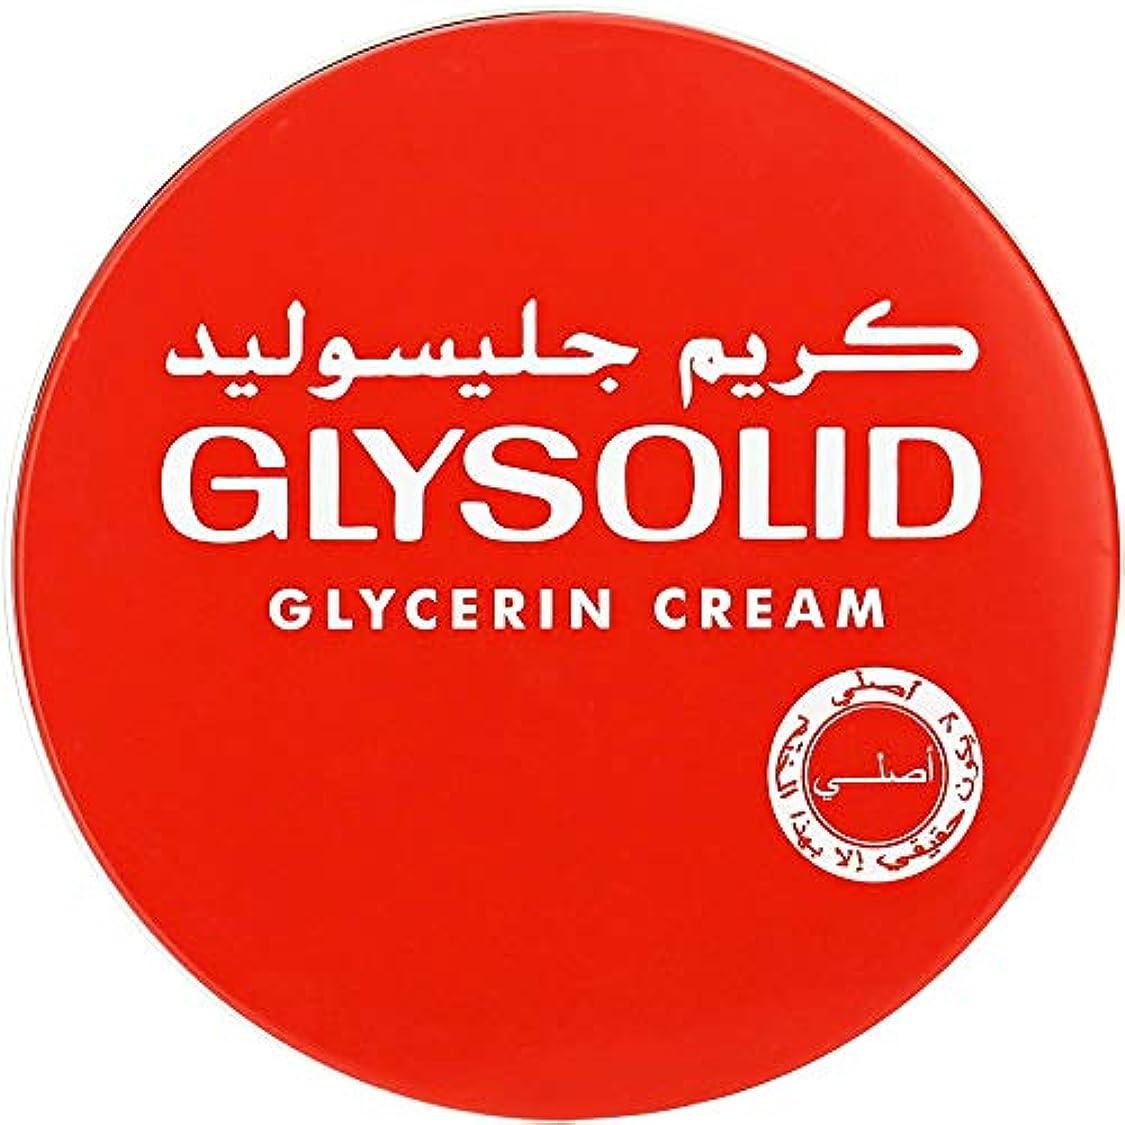 創始者唯物論バブルGlysolid Cream Face Moisturizers For Dry Skin Hands Feet Elbow Body Softening With Glycerin Keeping Your Skin...